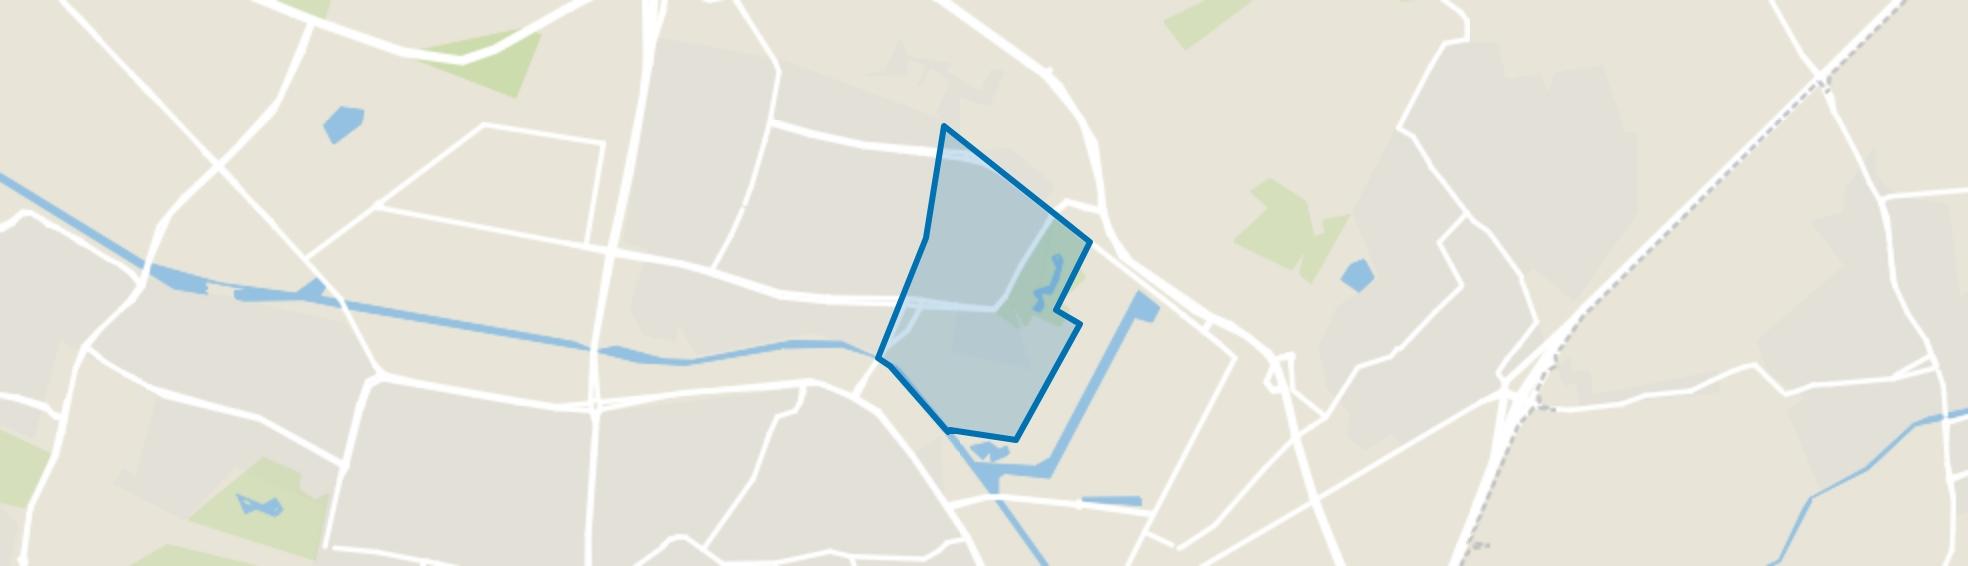 Quirijnstok, Tilburg map